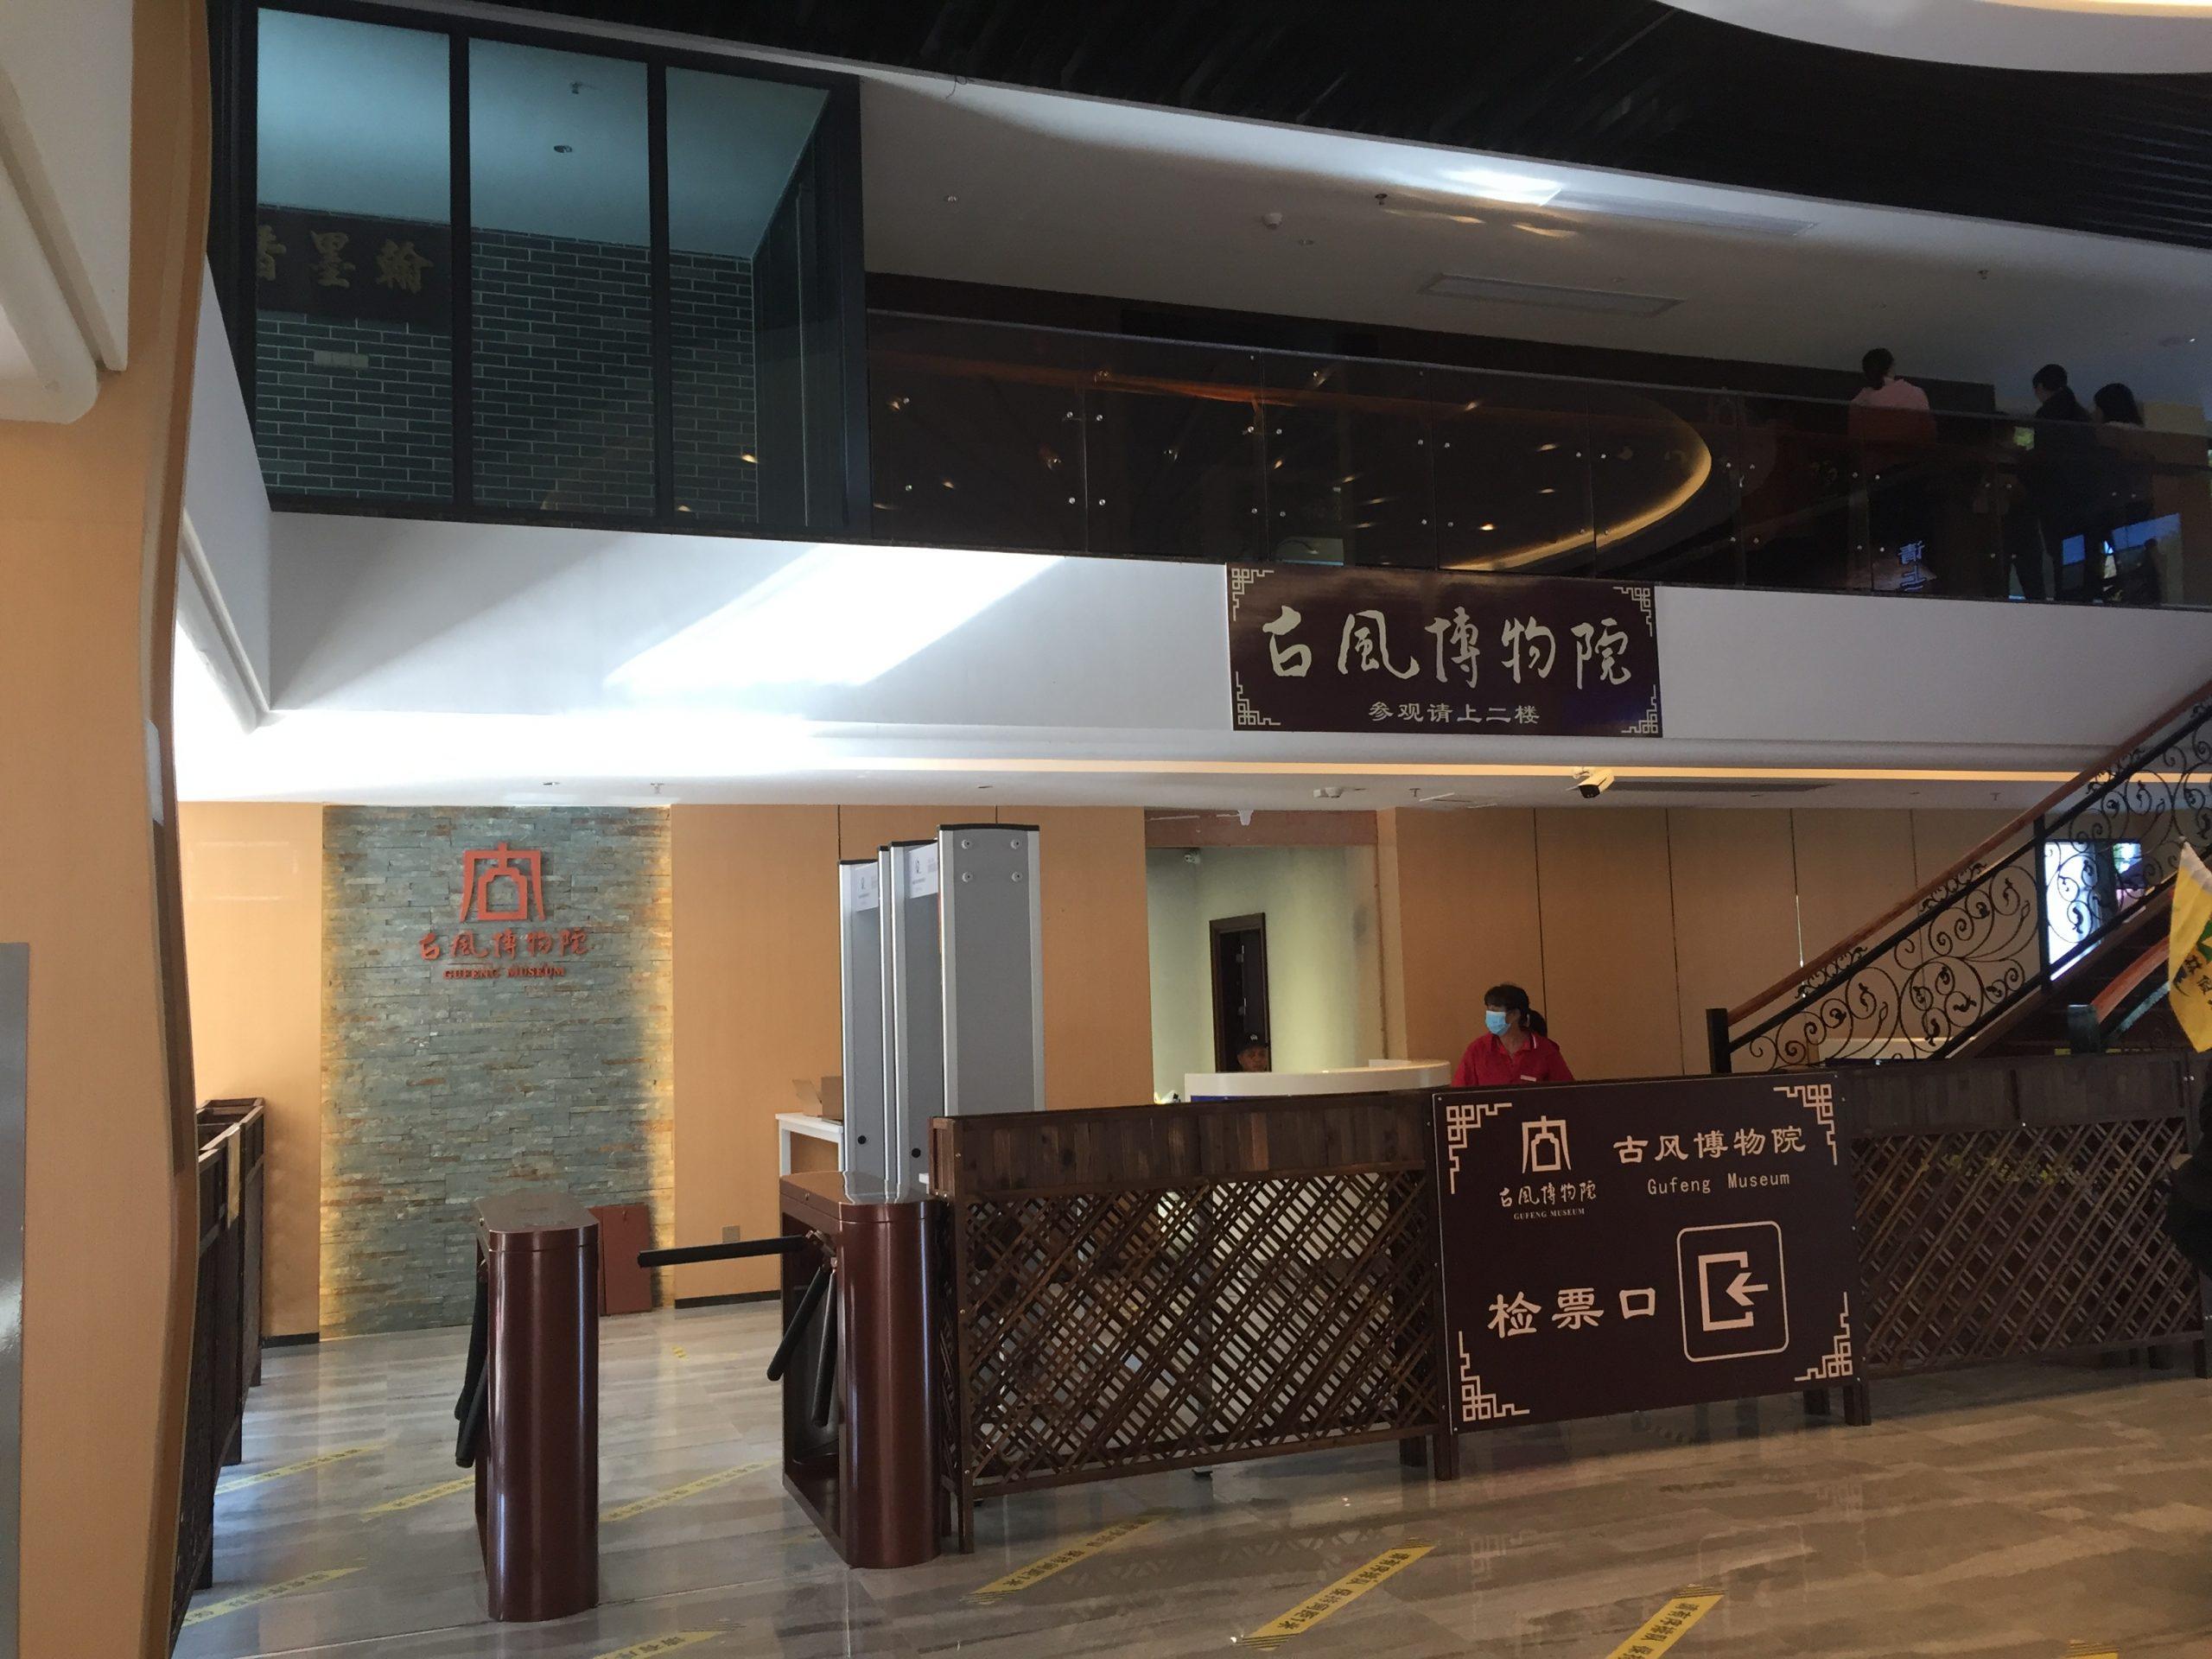 阳朔古风博物院检票系统闸机设备升级提升景区形象